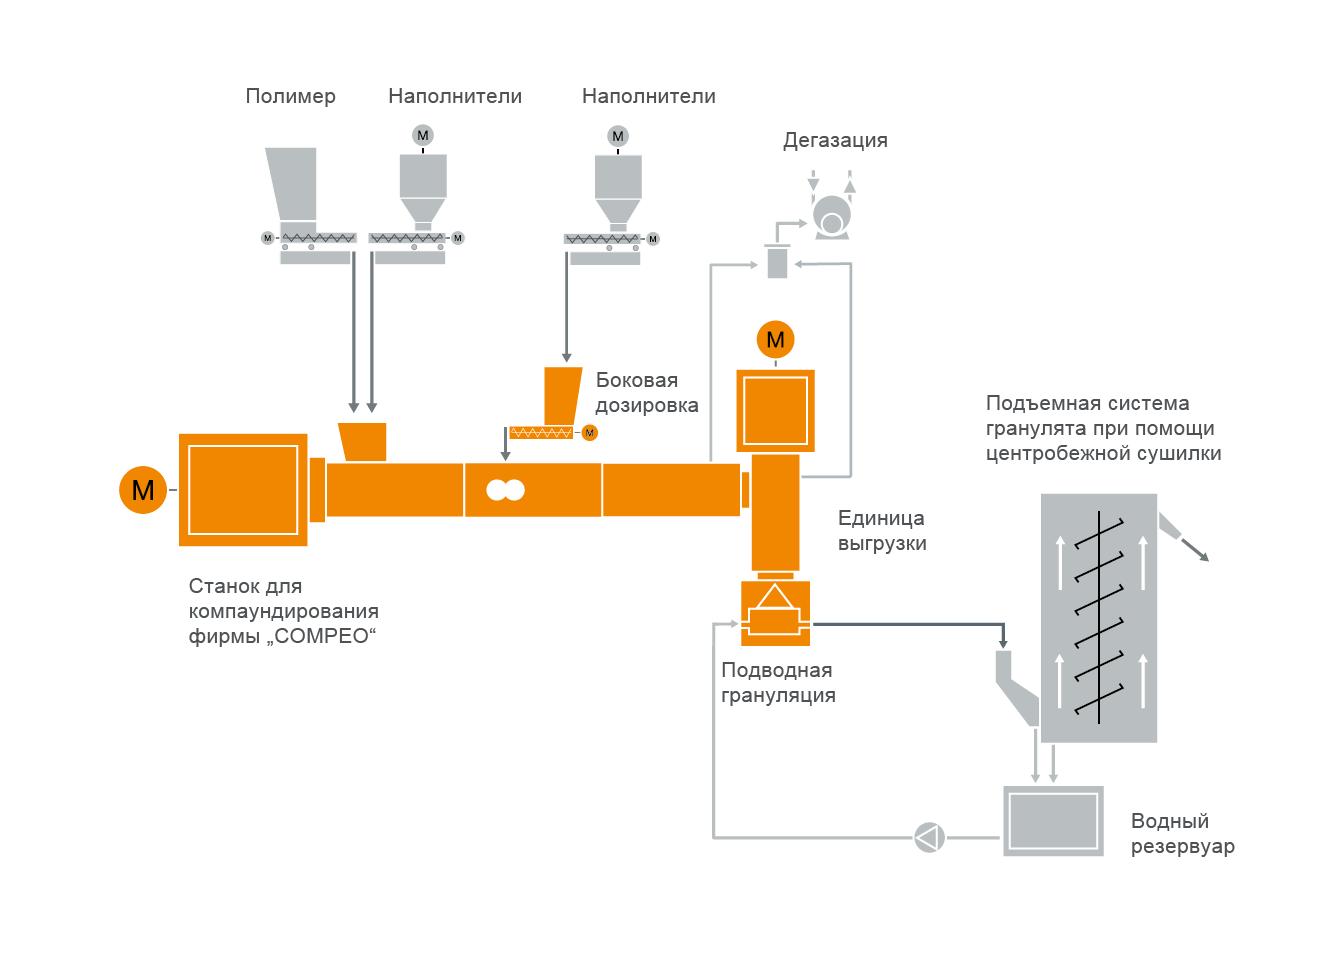 Типовая схема расположения оборудования для машины компаундирования биопластика